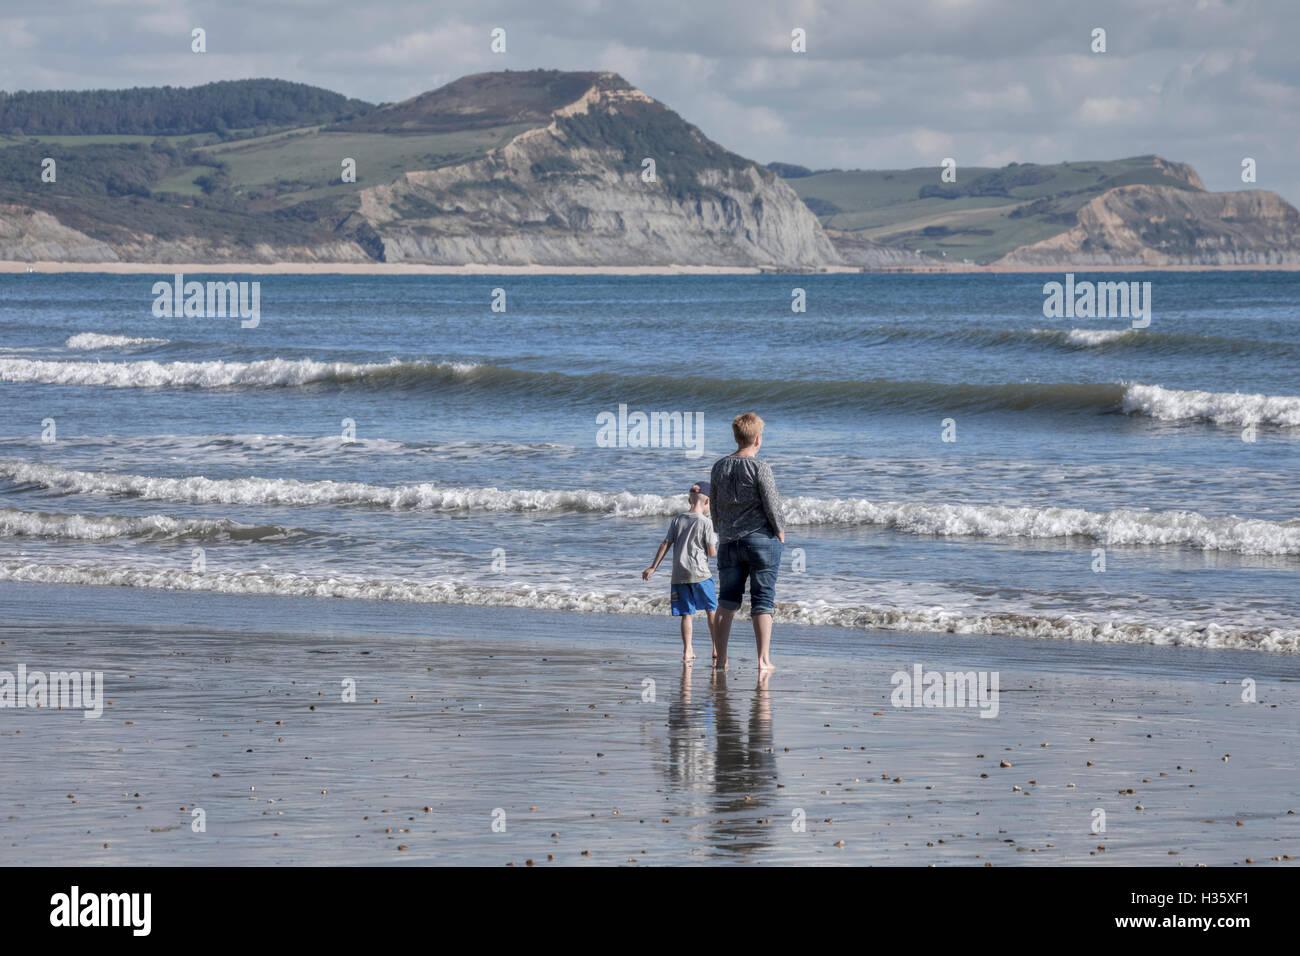 Lyme Regis, Jurassic Coast, Dorset, England, UK - Stock Image